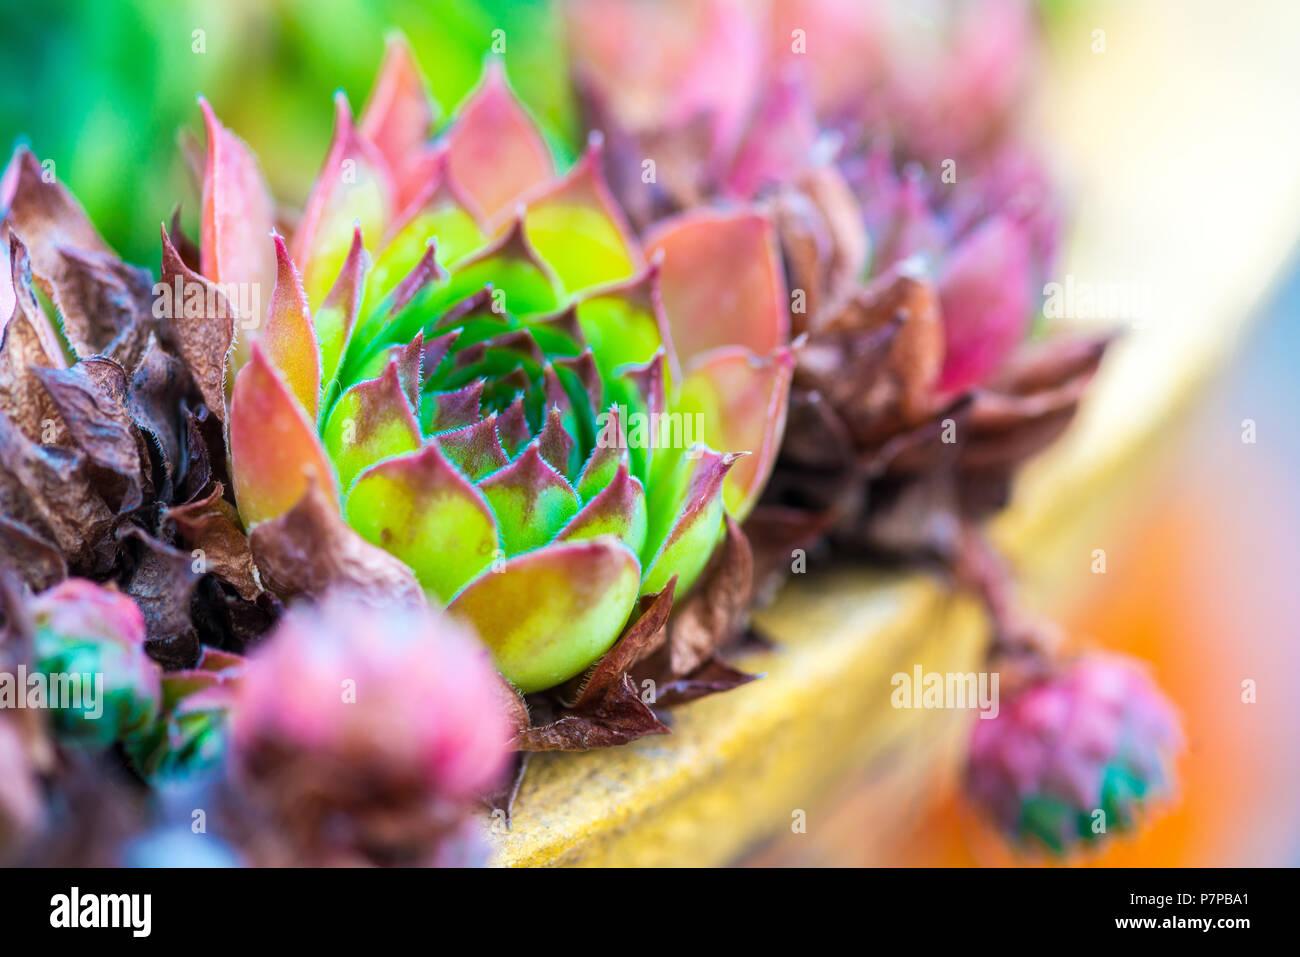 Sempervivum Tectorum Common Houseleek Perennial Plant Growing